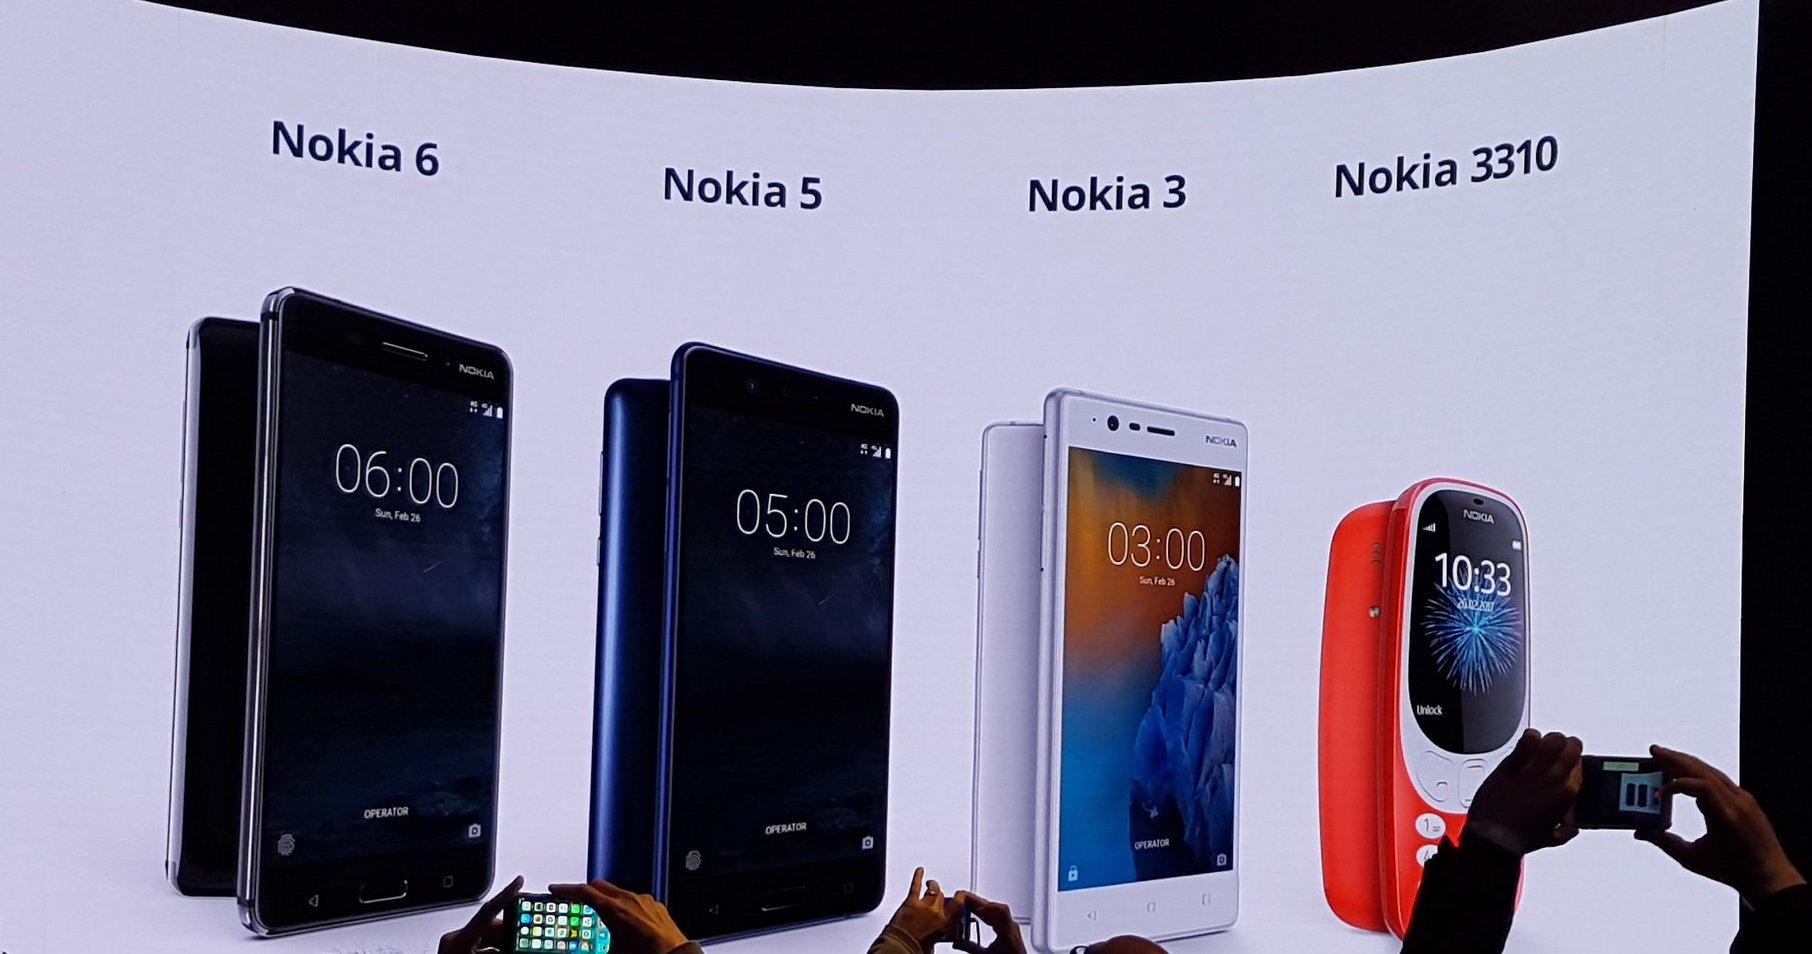 Nokia 3310 3 5 6 MWC